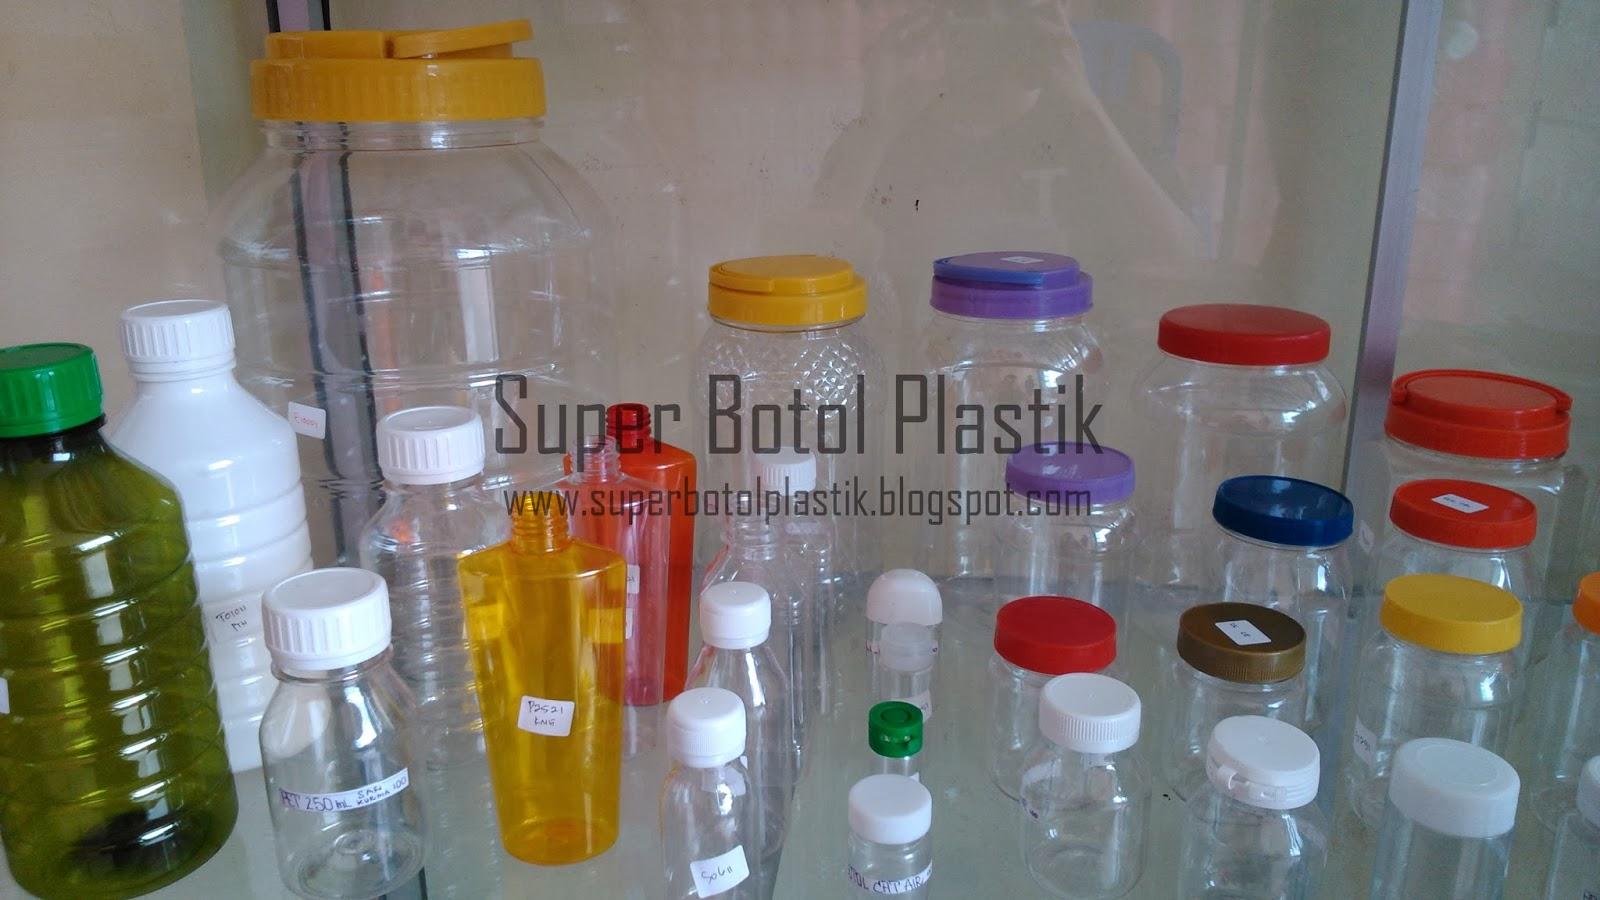 Super Botol Plastik Jual Botol Plastik Produsen